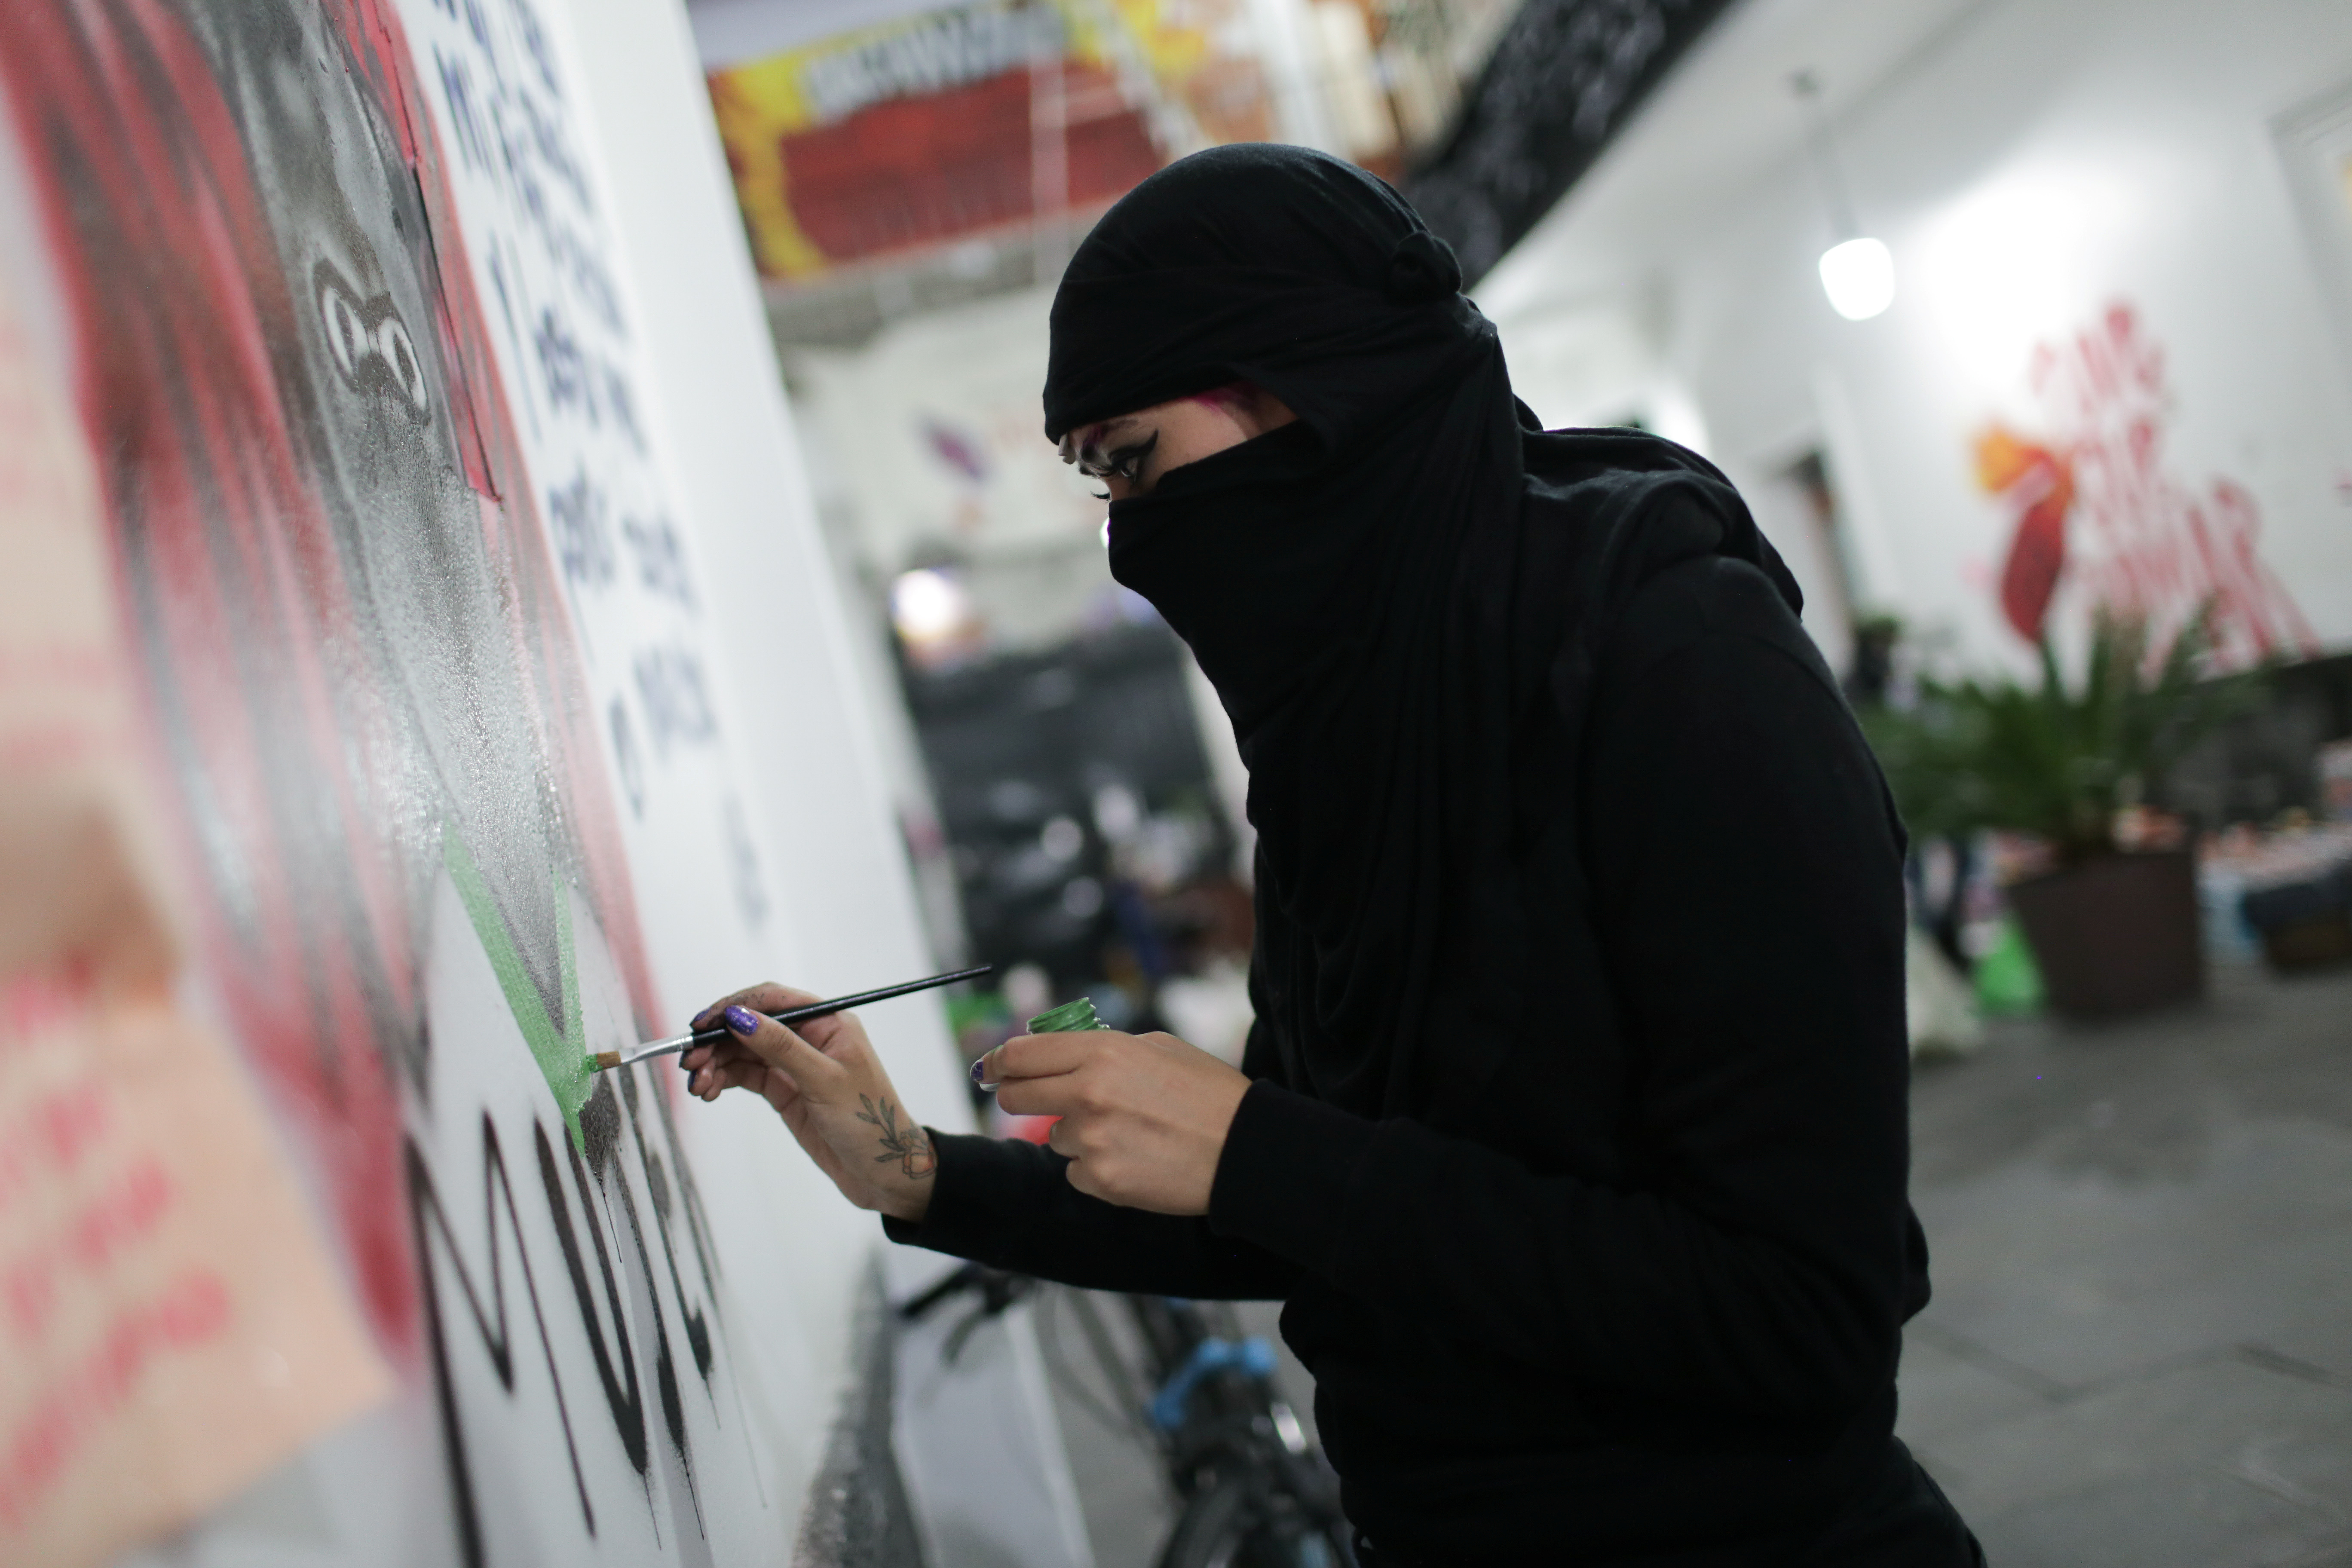 Una integrante de un colectivo feminista pinta un graffiti dentro de las instalaciones del edificio de la Comisión Nacional de Derechos Humanos, en apoyo a las víctimas de violencia de género, en la Ciudad de México, México, 10 de septiembre de 2020. Fotografía tomada el 10 de septiembre de 2020.